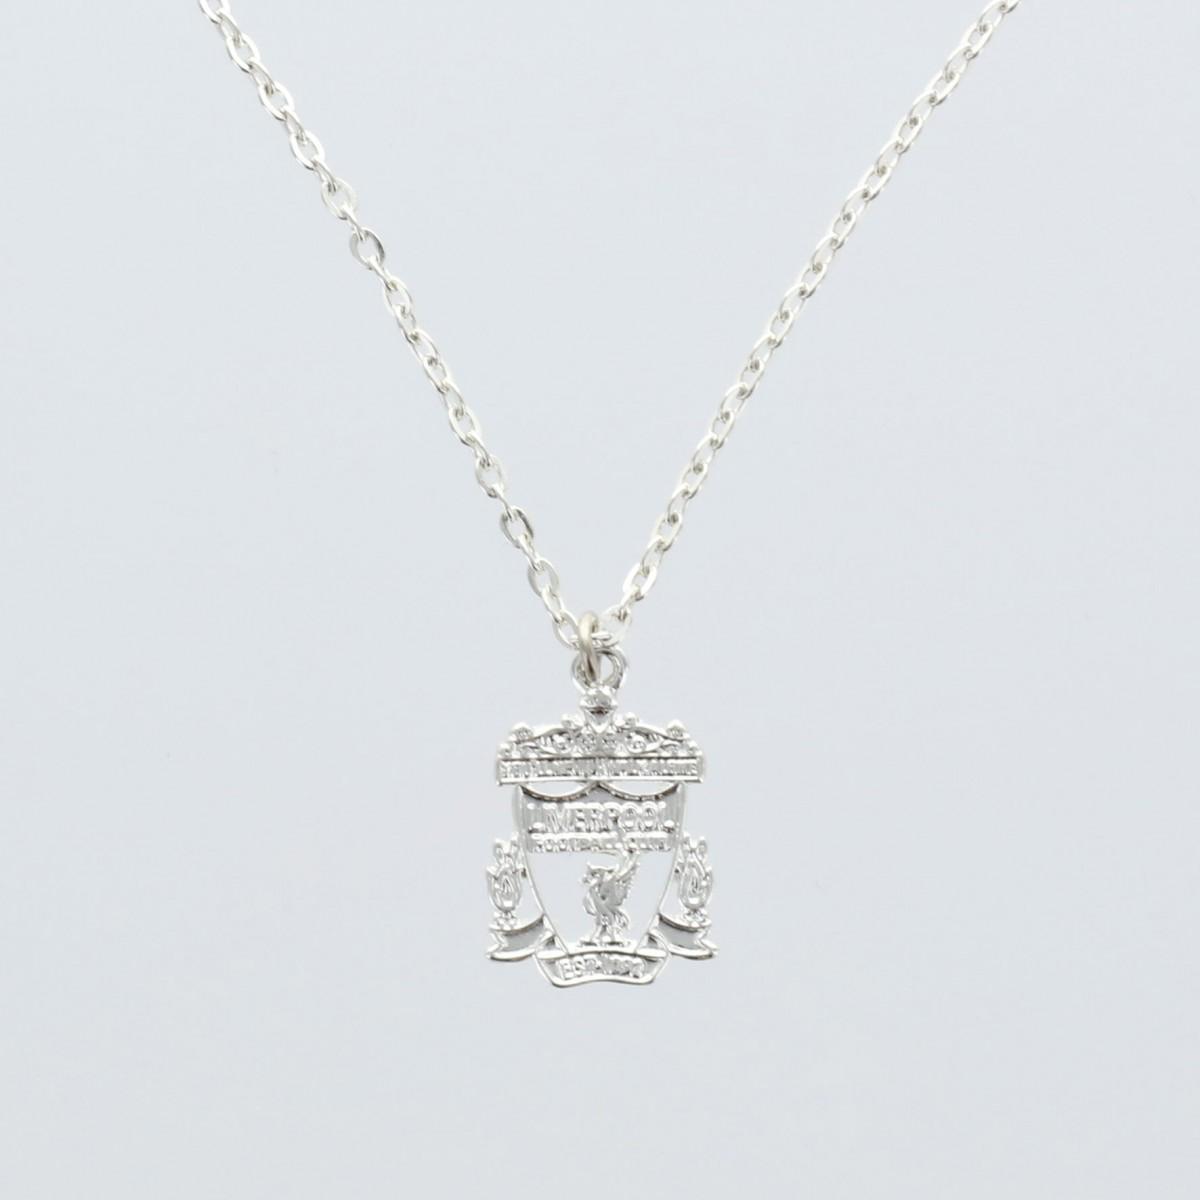 สร้อยคอจี้ลิเวอร์เบิร์ดลิเวอร์พูล Silver-Plated Cut Out Crest Pendant and Chain ของแท้